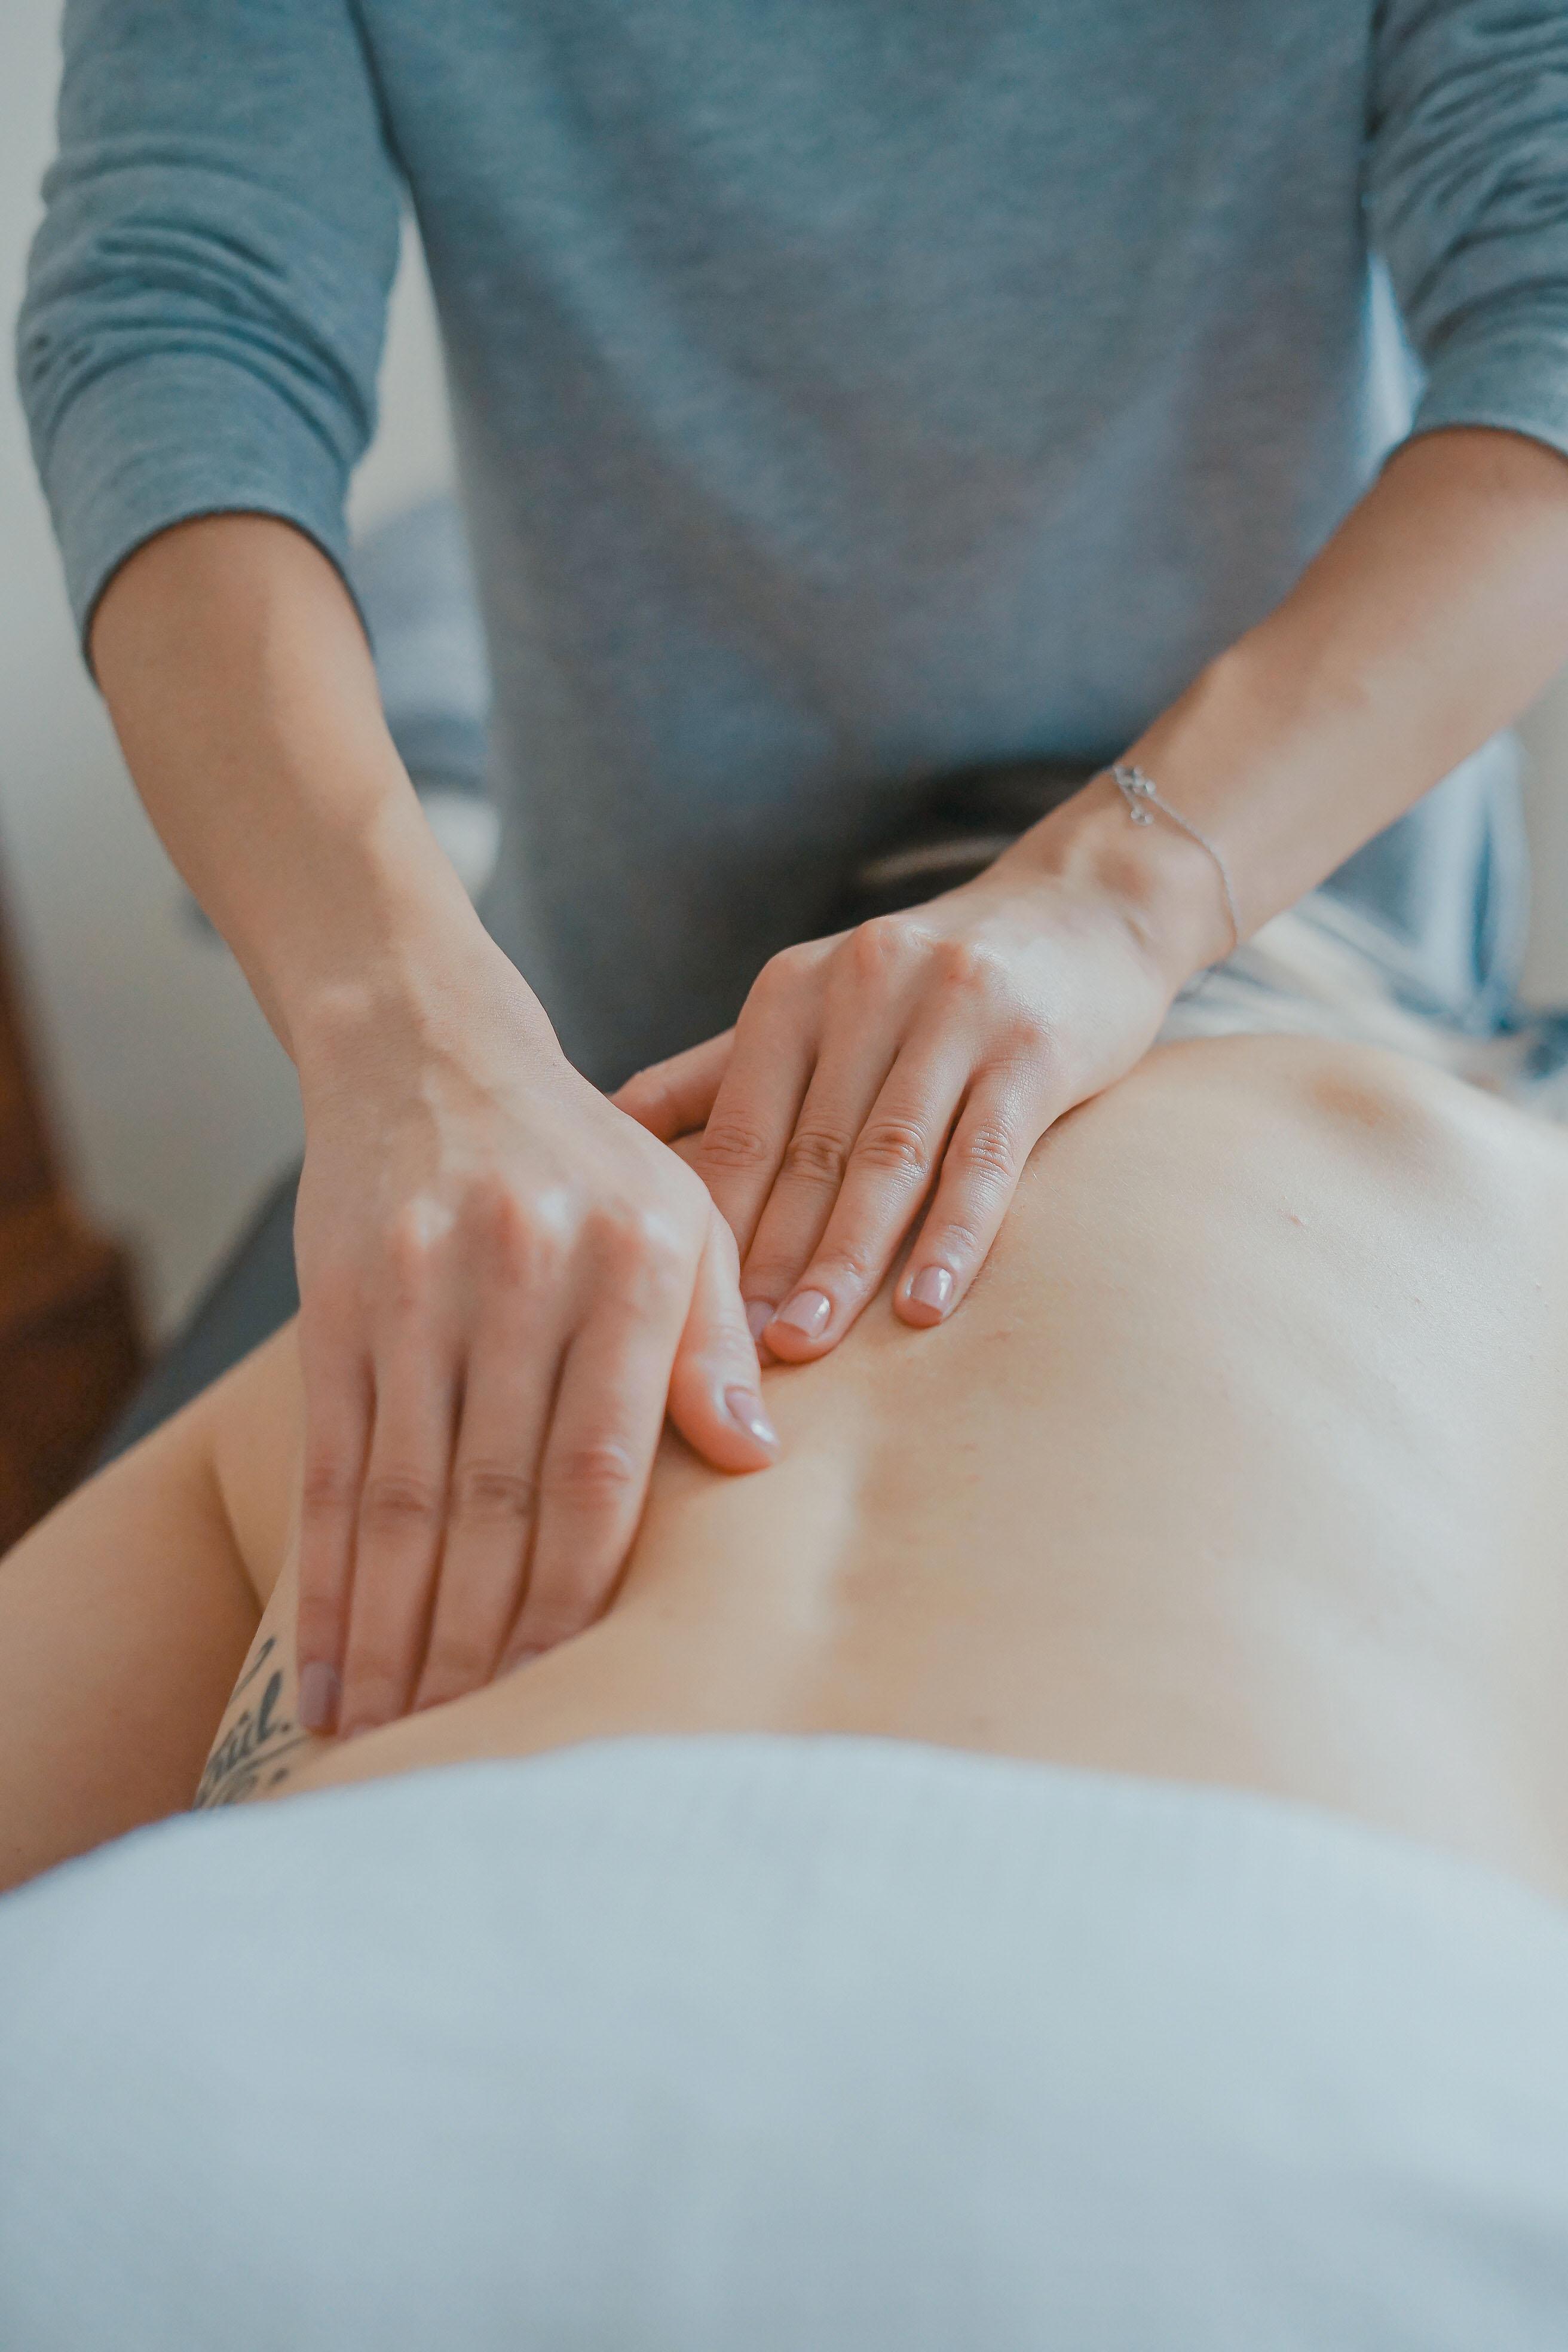 Patient får ryggmassage för muskelavslappning